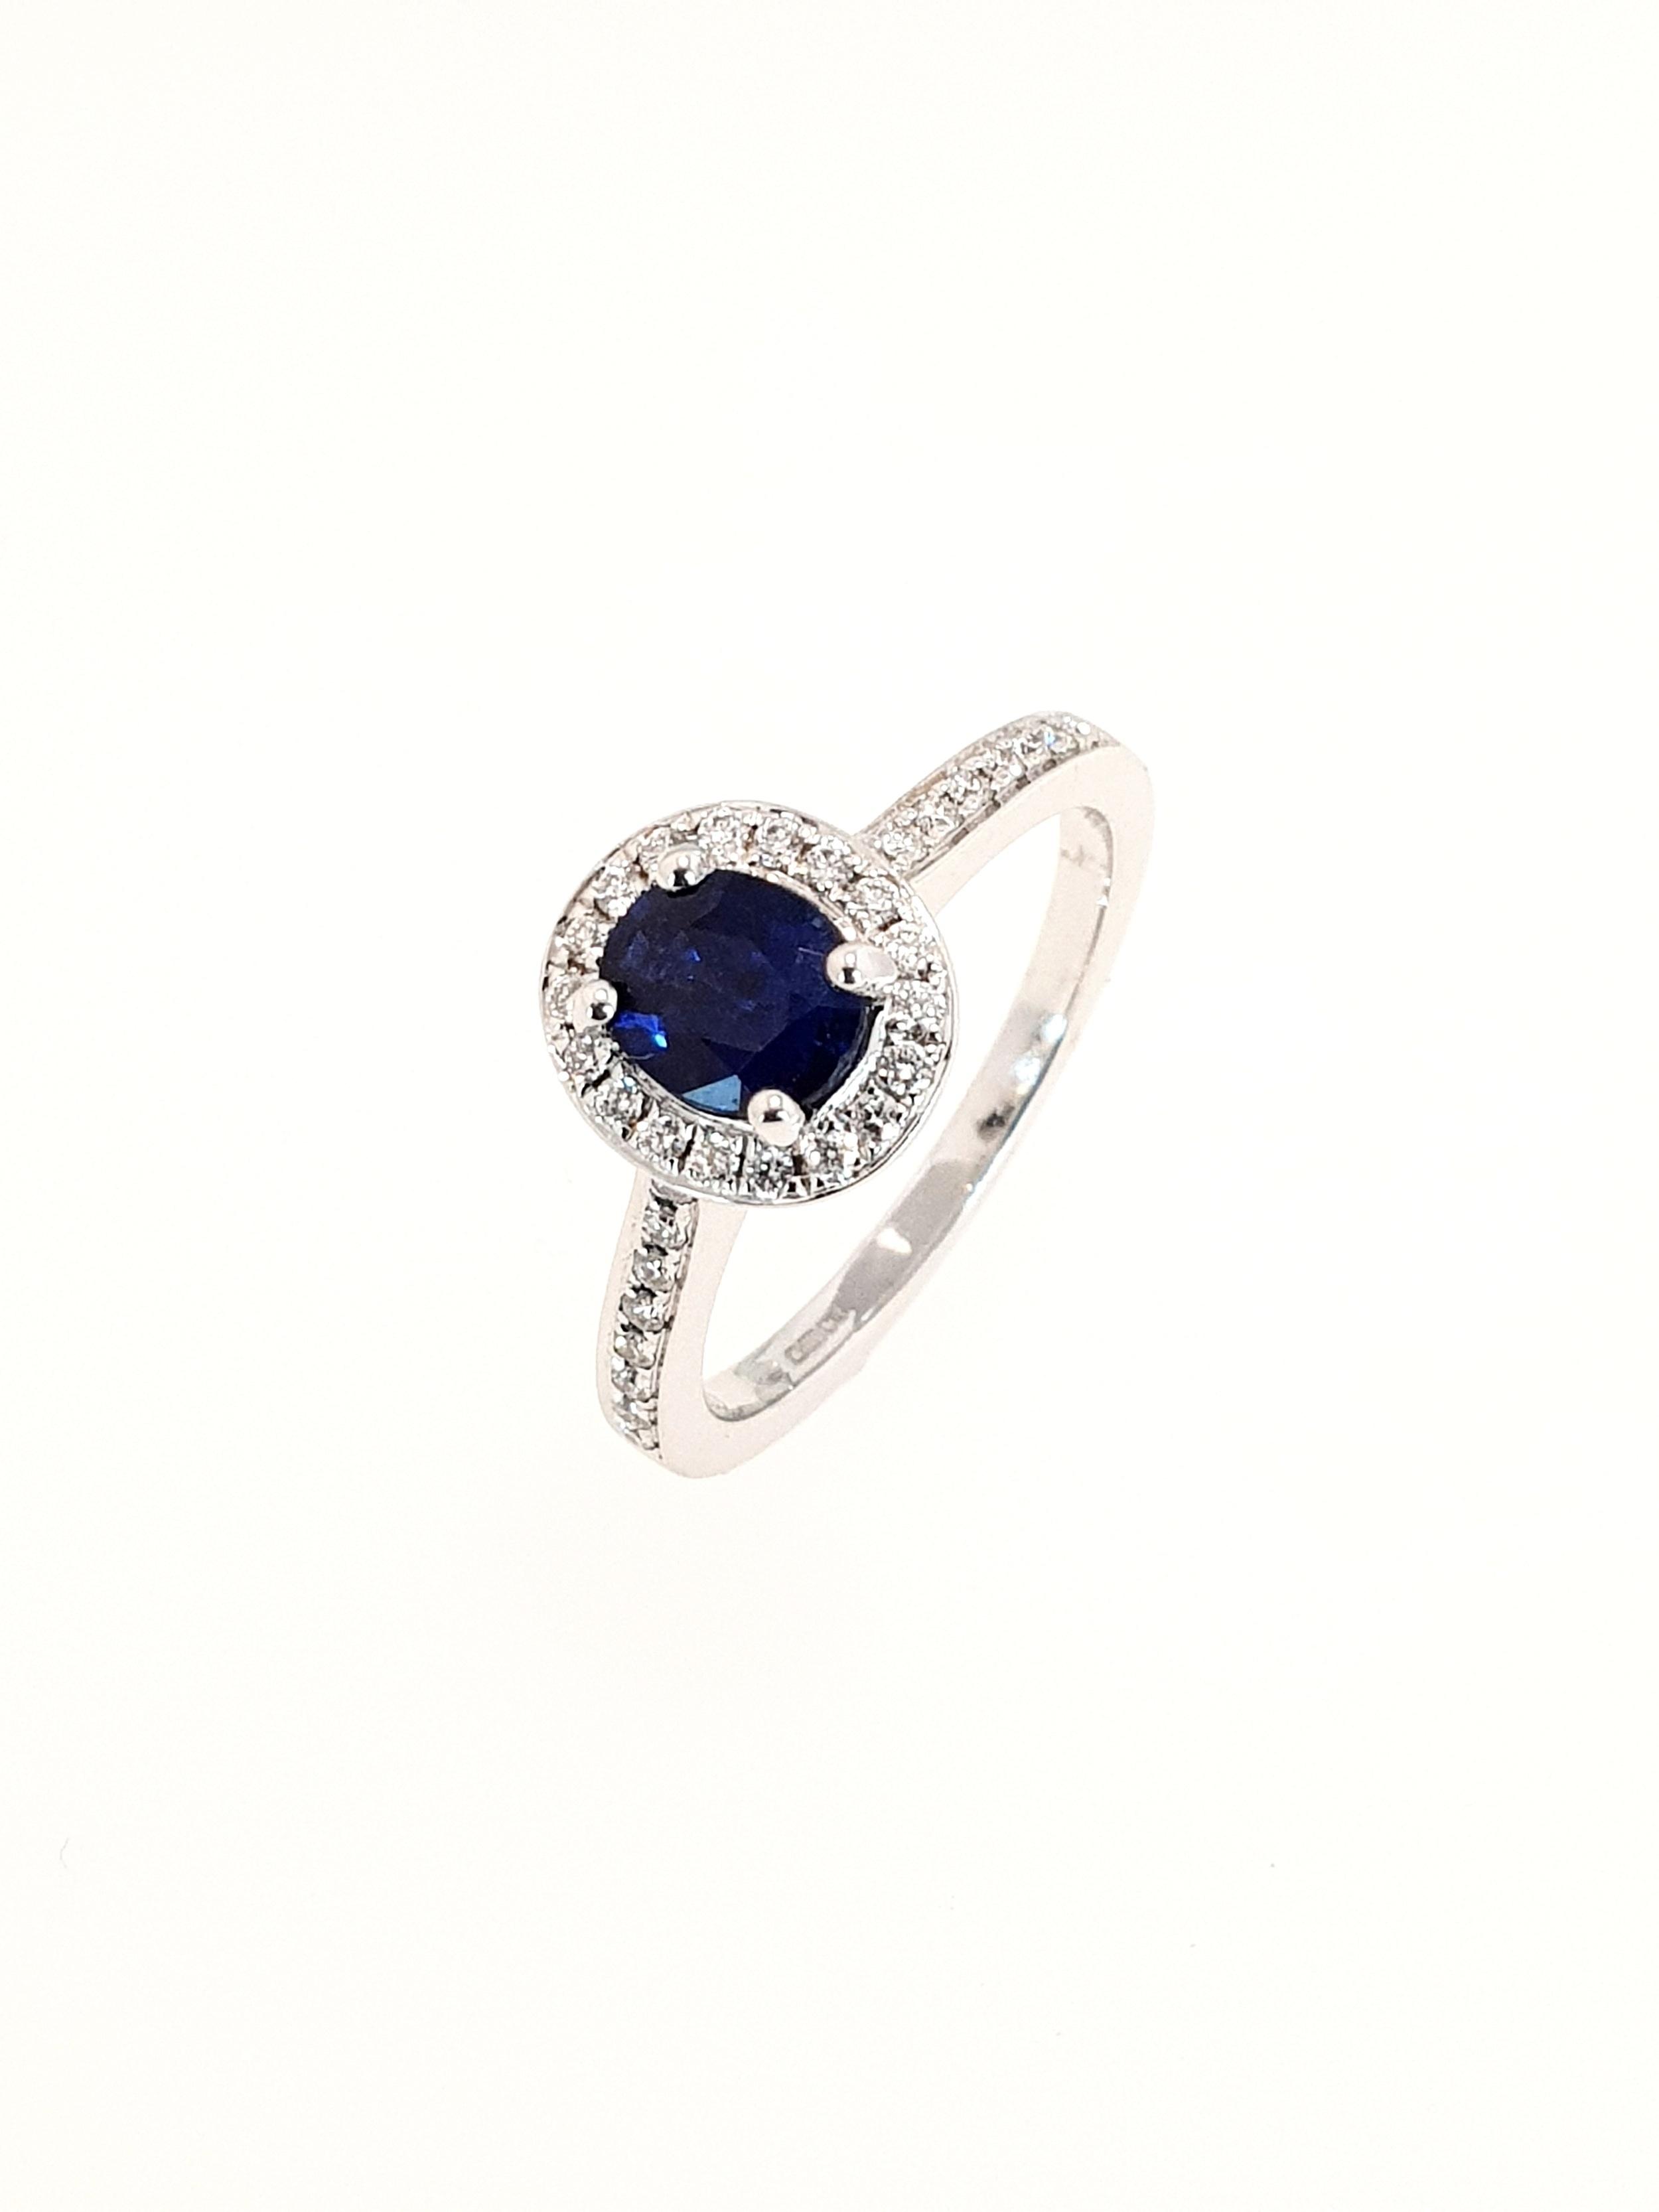 18ct White Gold Sapphire & Diamond Ring  Diamond: .19ct, G, Si1  Stock Code: N8945  £1900